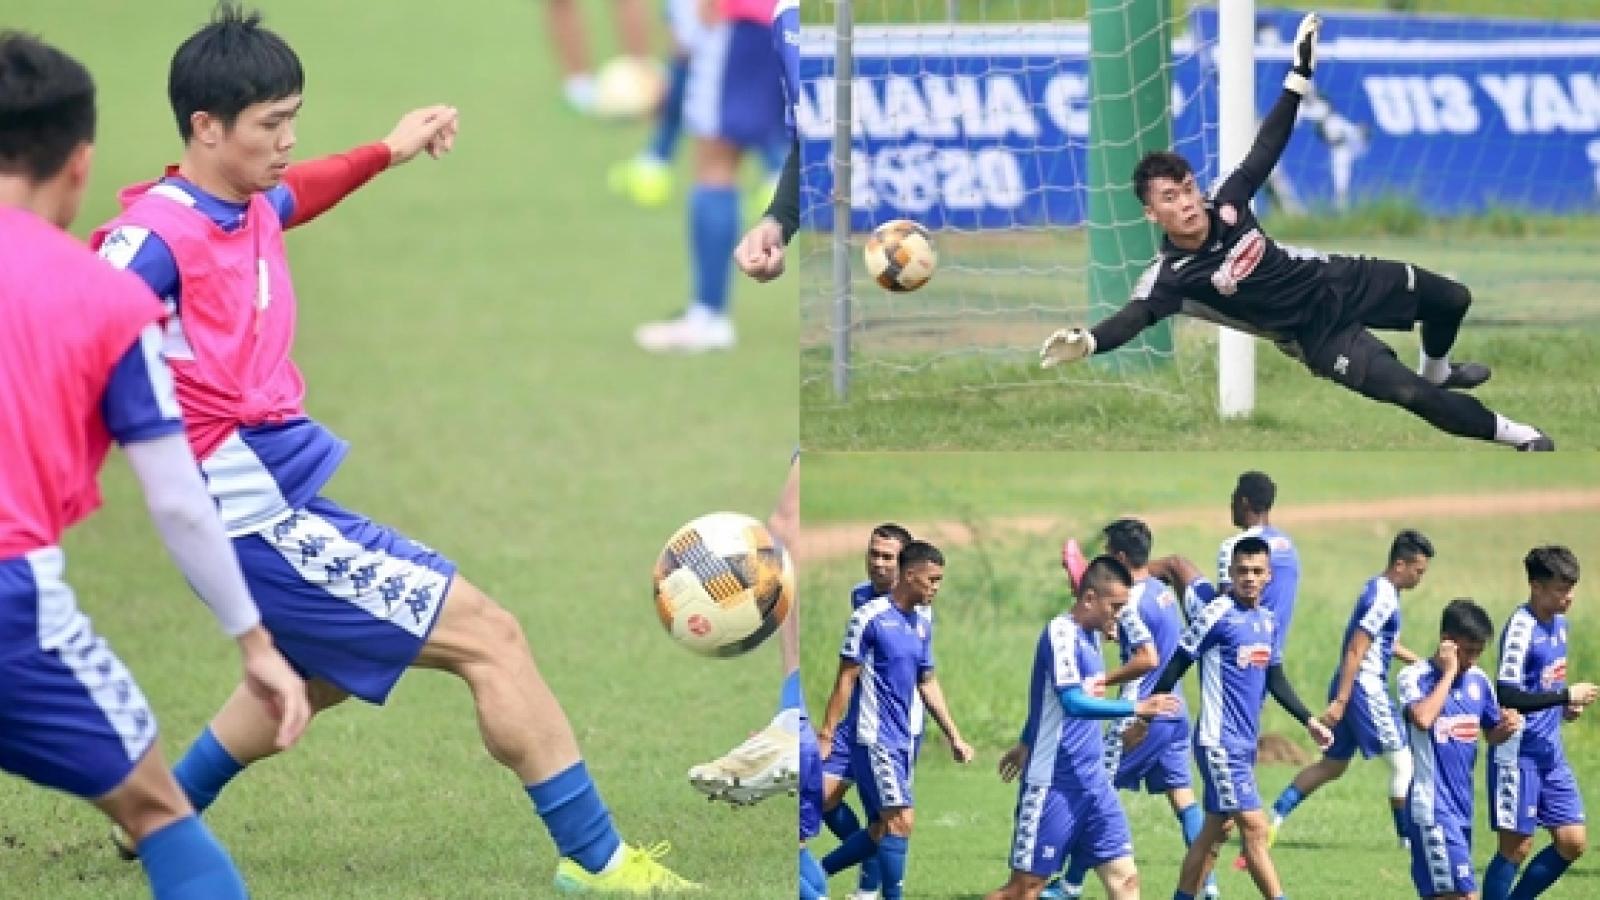 Công Phượng, Bùi Tiến Dũng đội nắng tập luyện trước trận gặp Hà Nội FC